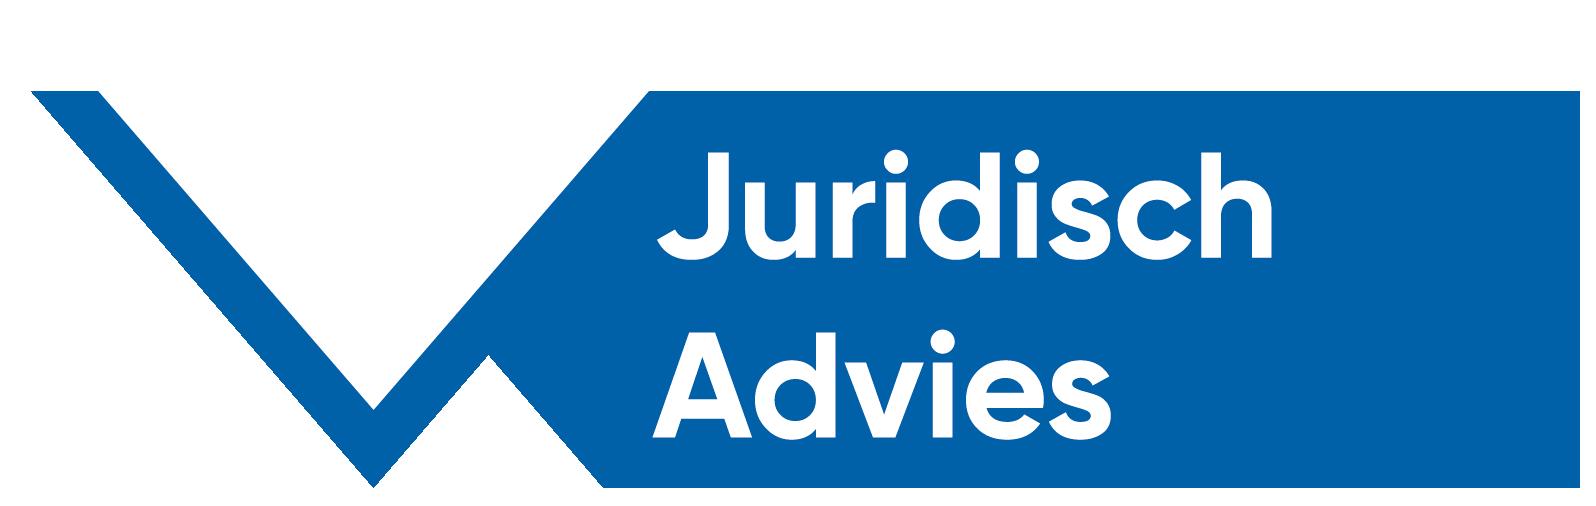 Juridisch-Advies-button